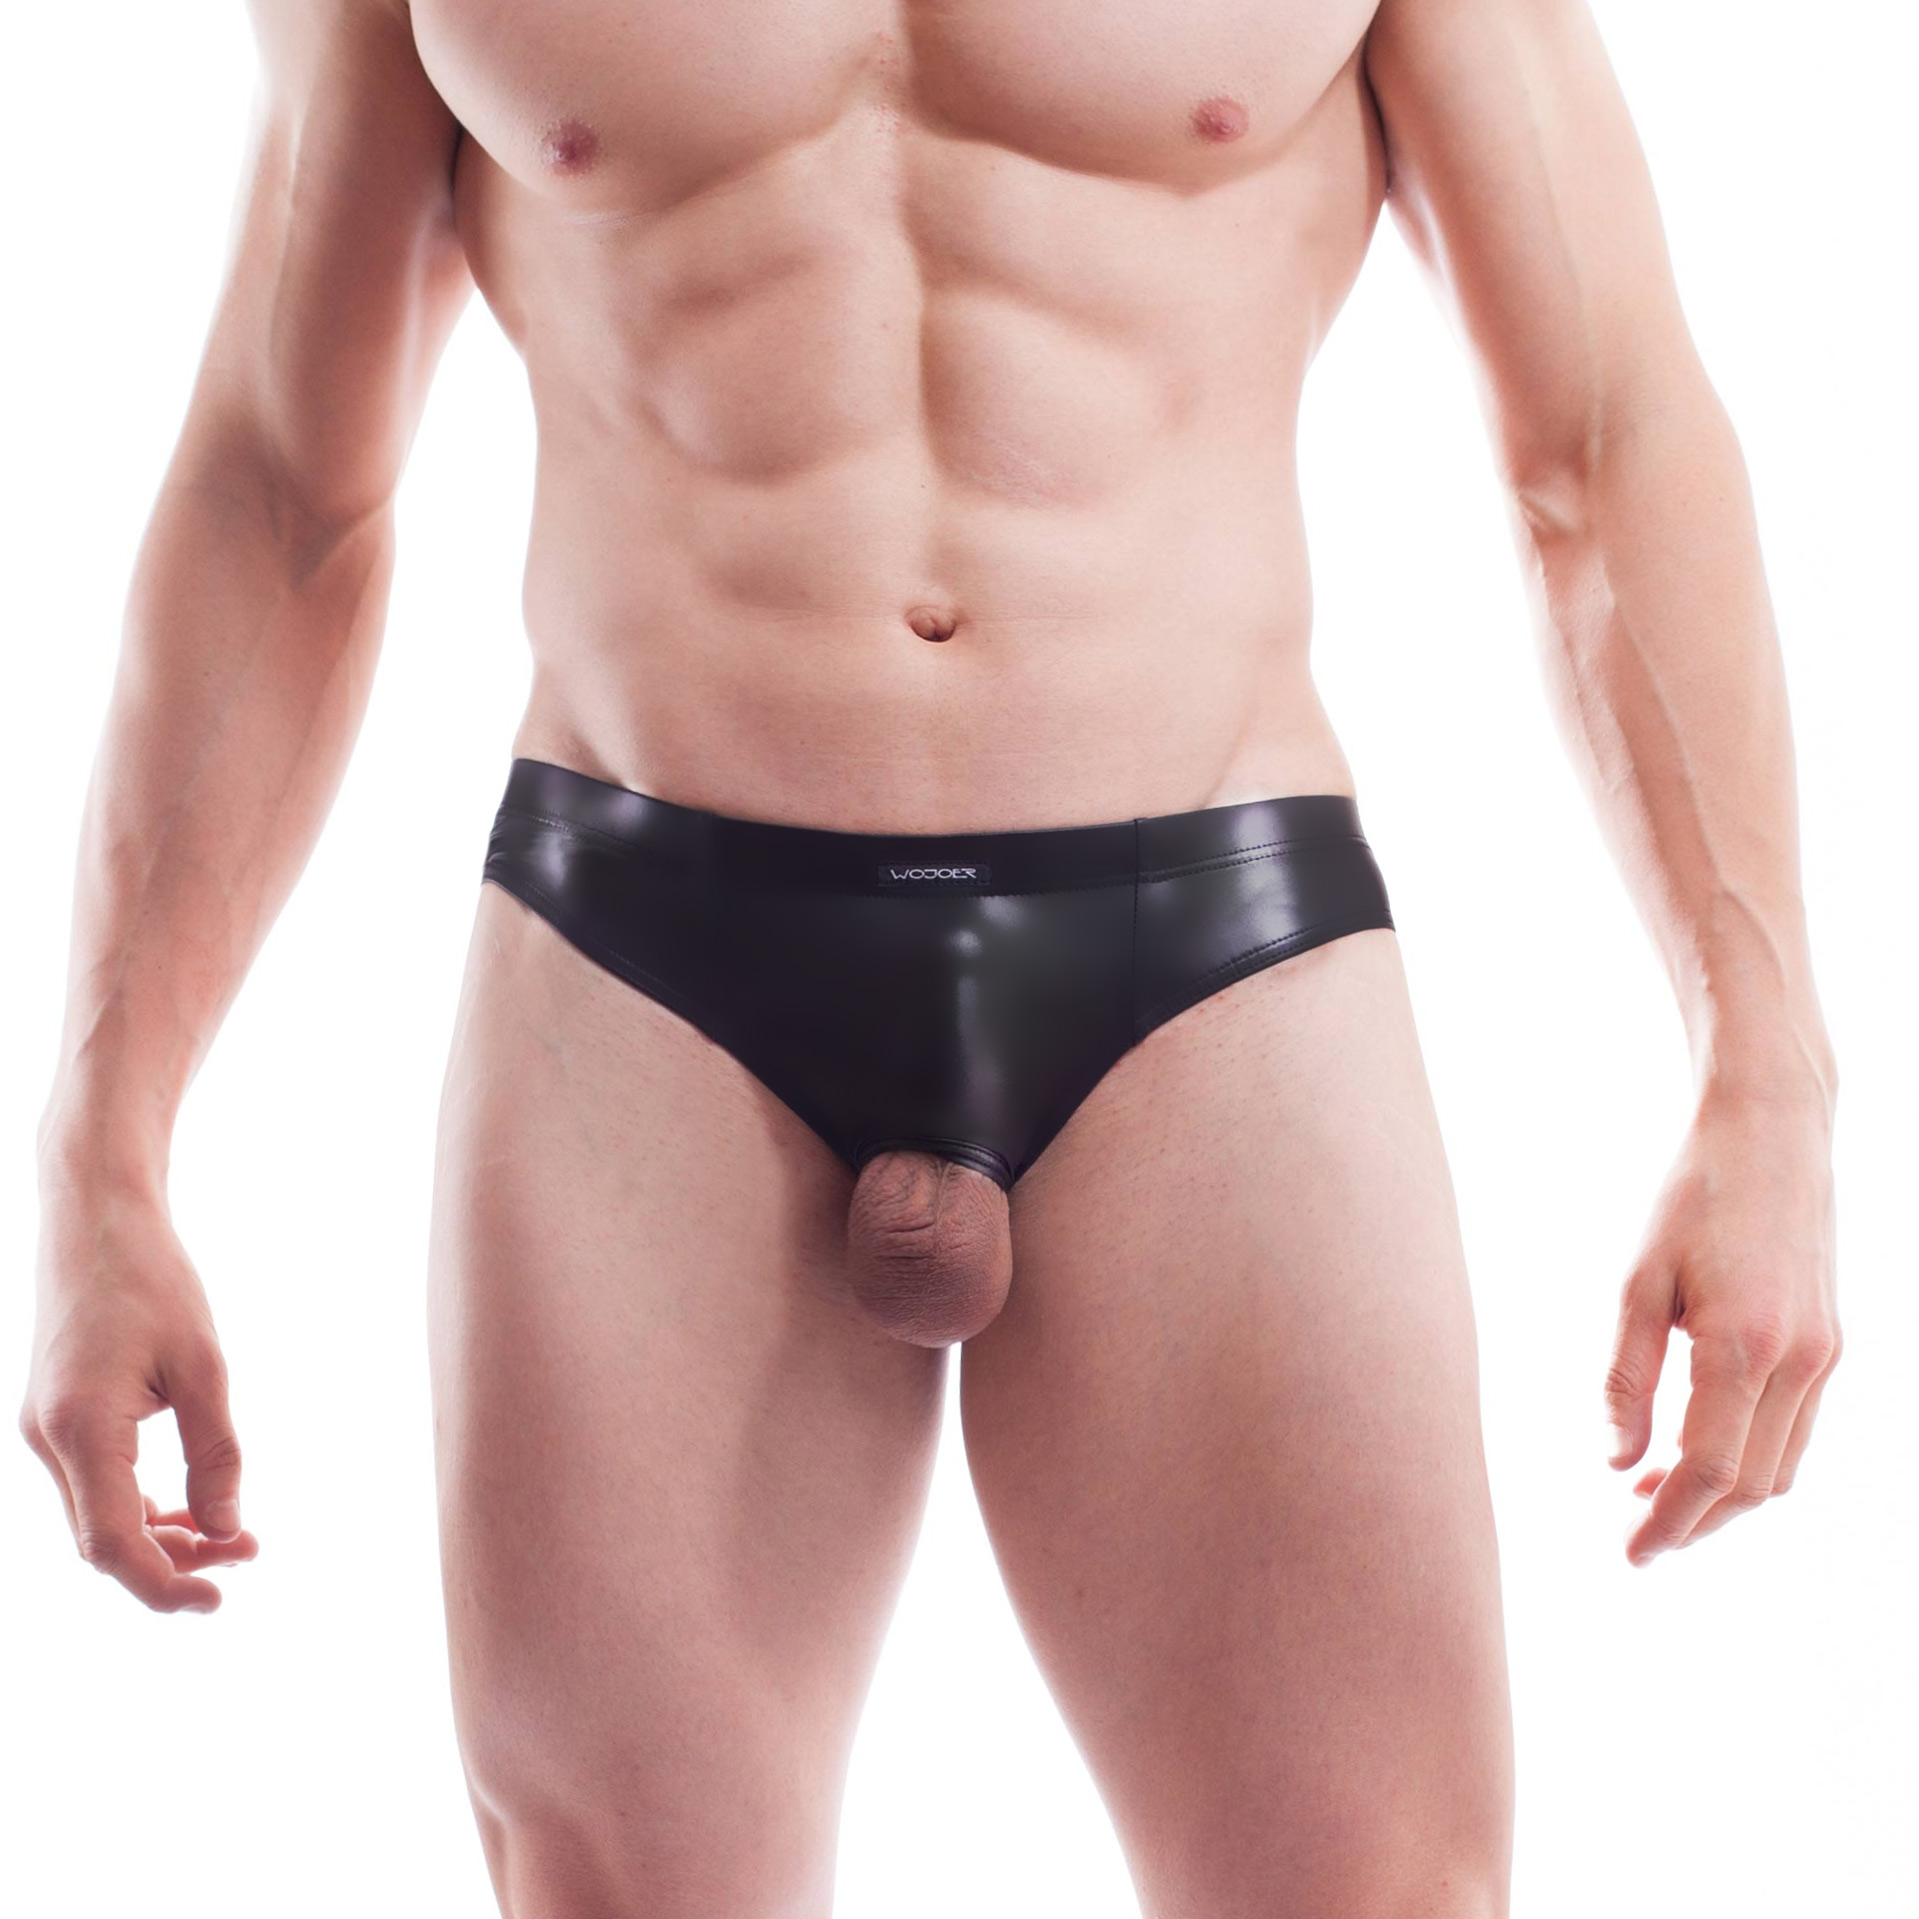 Diesen Wetleather Halb Ouverte Lack Mini Hipster365W449.2 ist ein ganz besonderes Teil – schau selbst… Größe S, M, L , XL Materialzusammensetzung WETLEATHER, super dehnbares, leicht strukturiertes Leatherlike mit Lackglanz: 95% Viskose, 5% Elasthan | 100% Polyester Besonderheiten LIVE-Produkt | glossy, strechy Leatherlike | sehr gut…